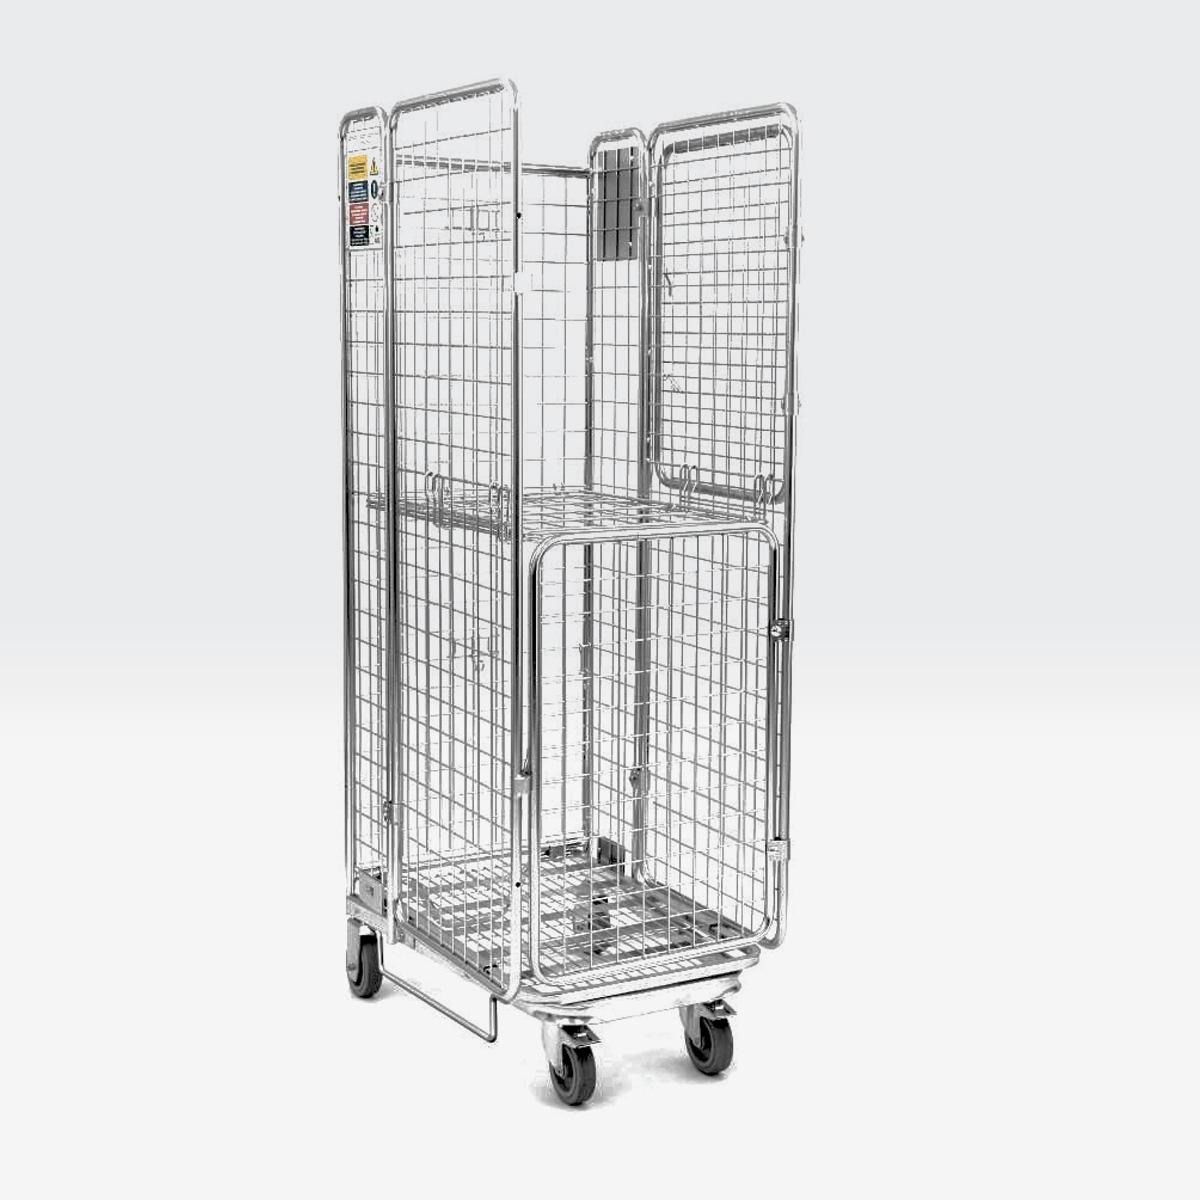 Carrello roll pieghevole e impilabile KLS-2 600x800 H.1800